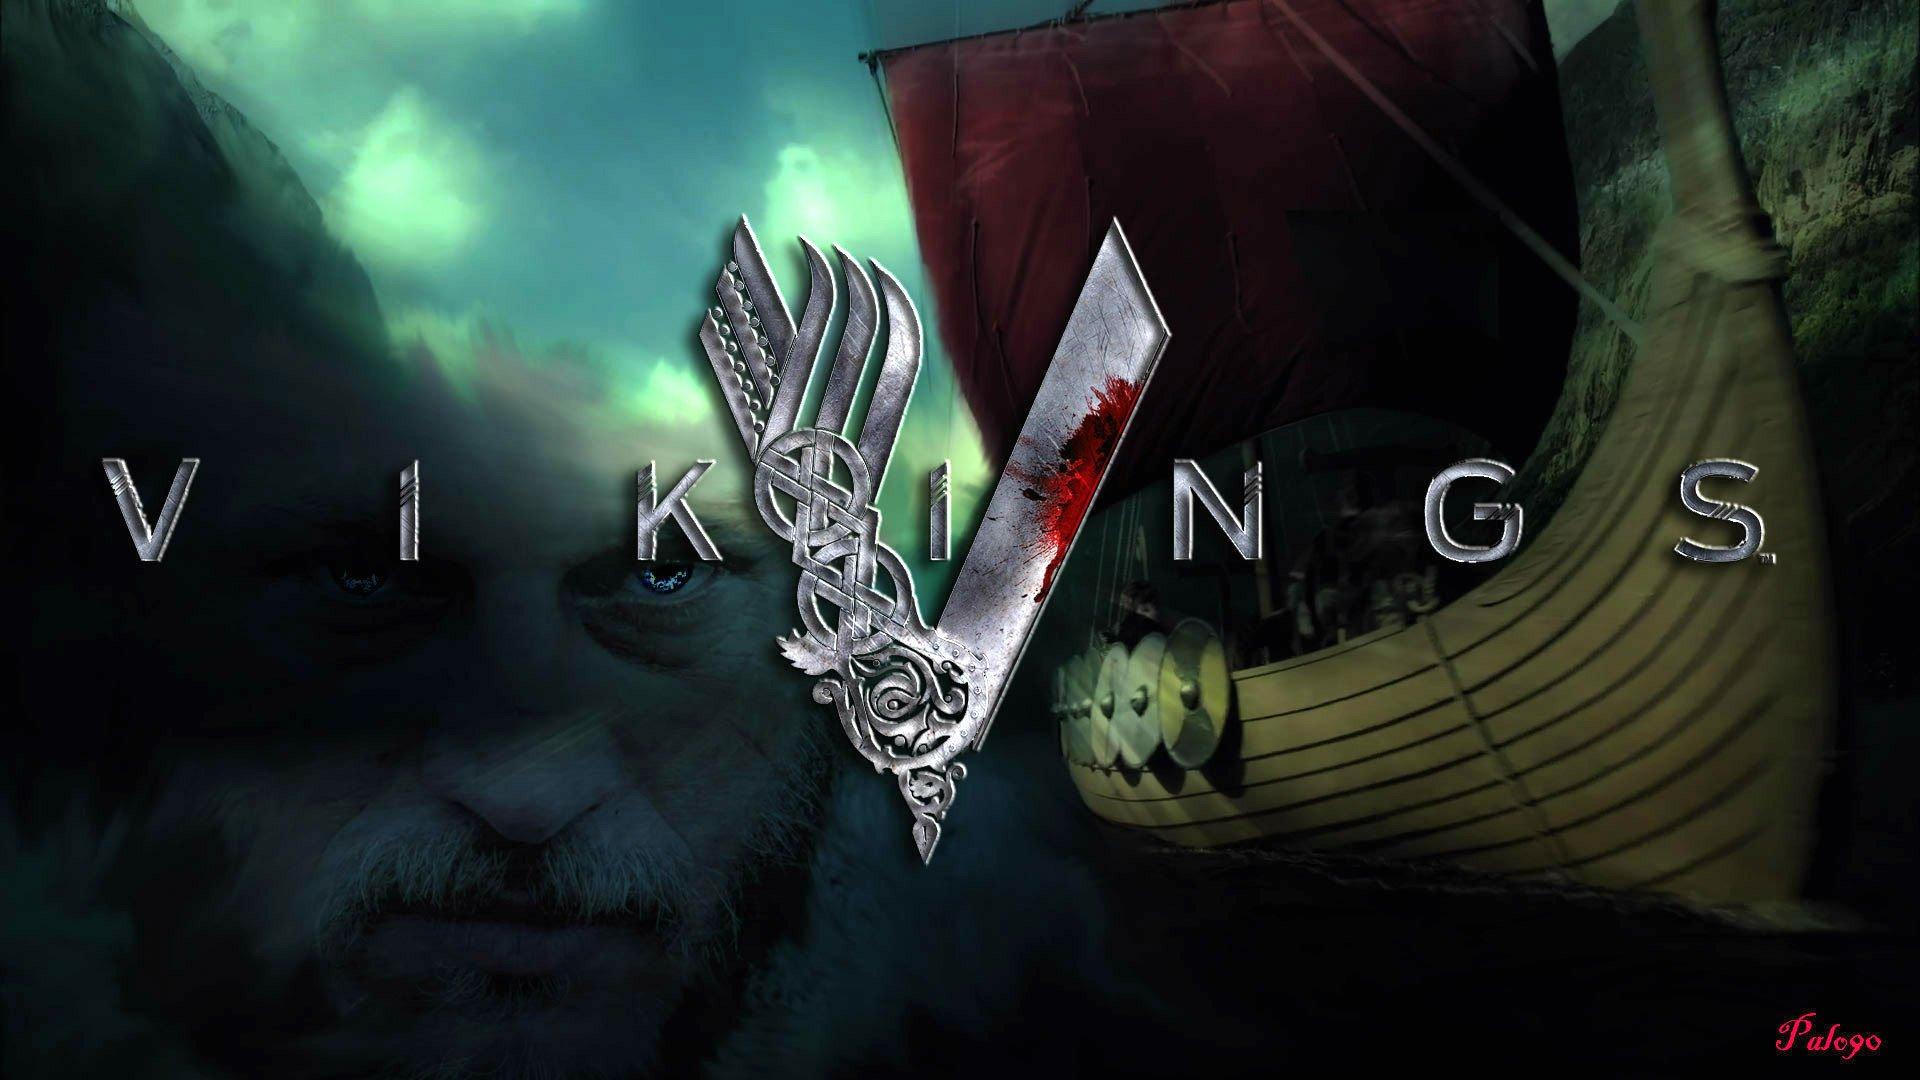 vikings tv series wallpaper